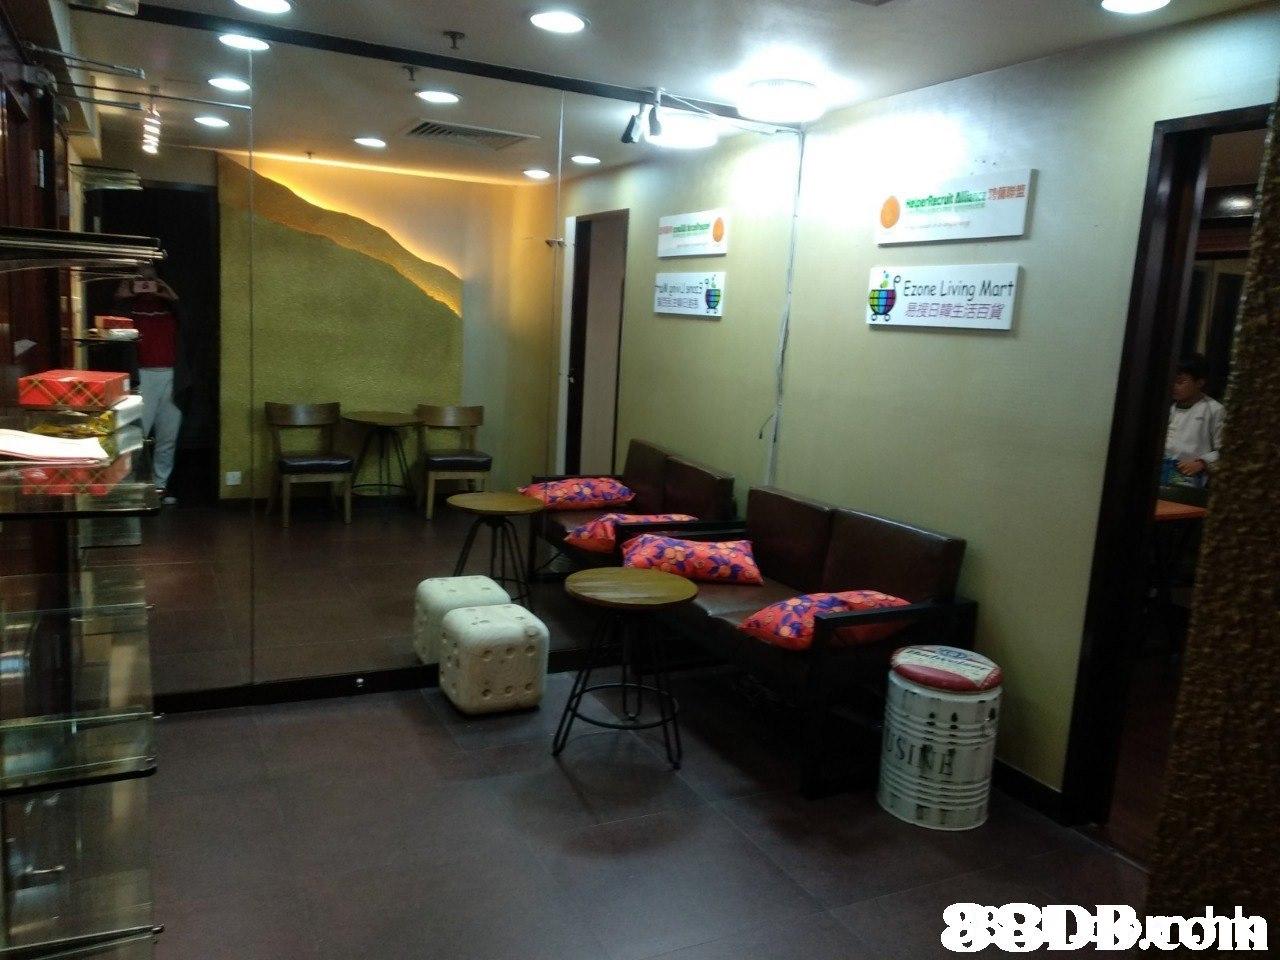 pe eratAl E Ezone Living Mart 易後日韓生活百貨 88DBnohh  Building,Room,Interior design,